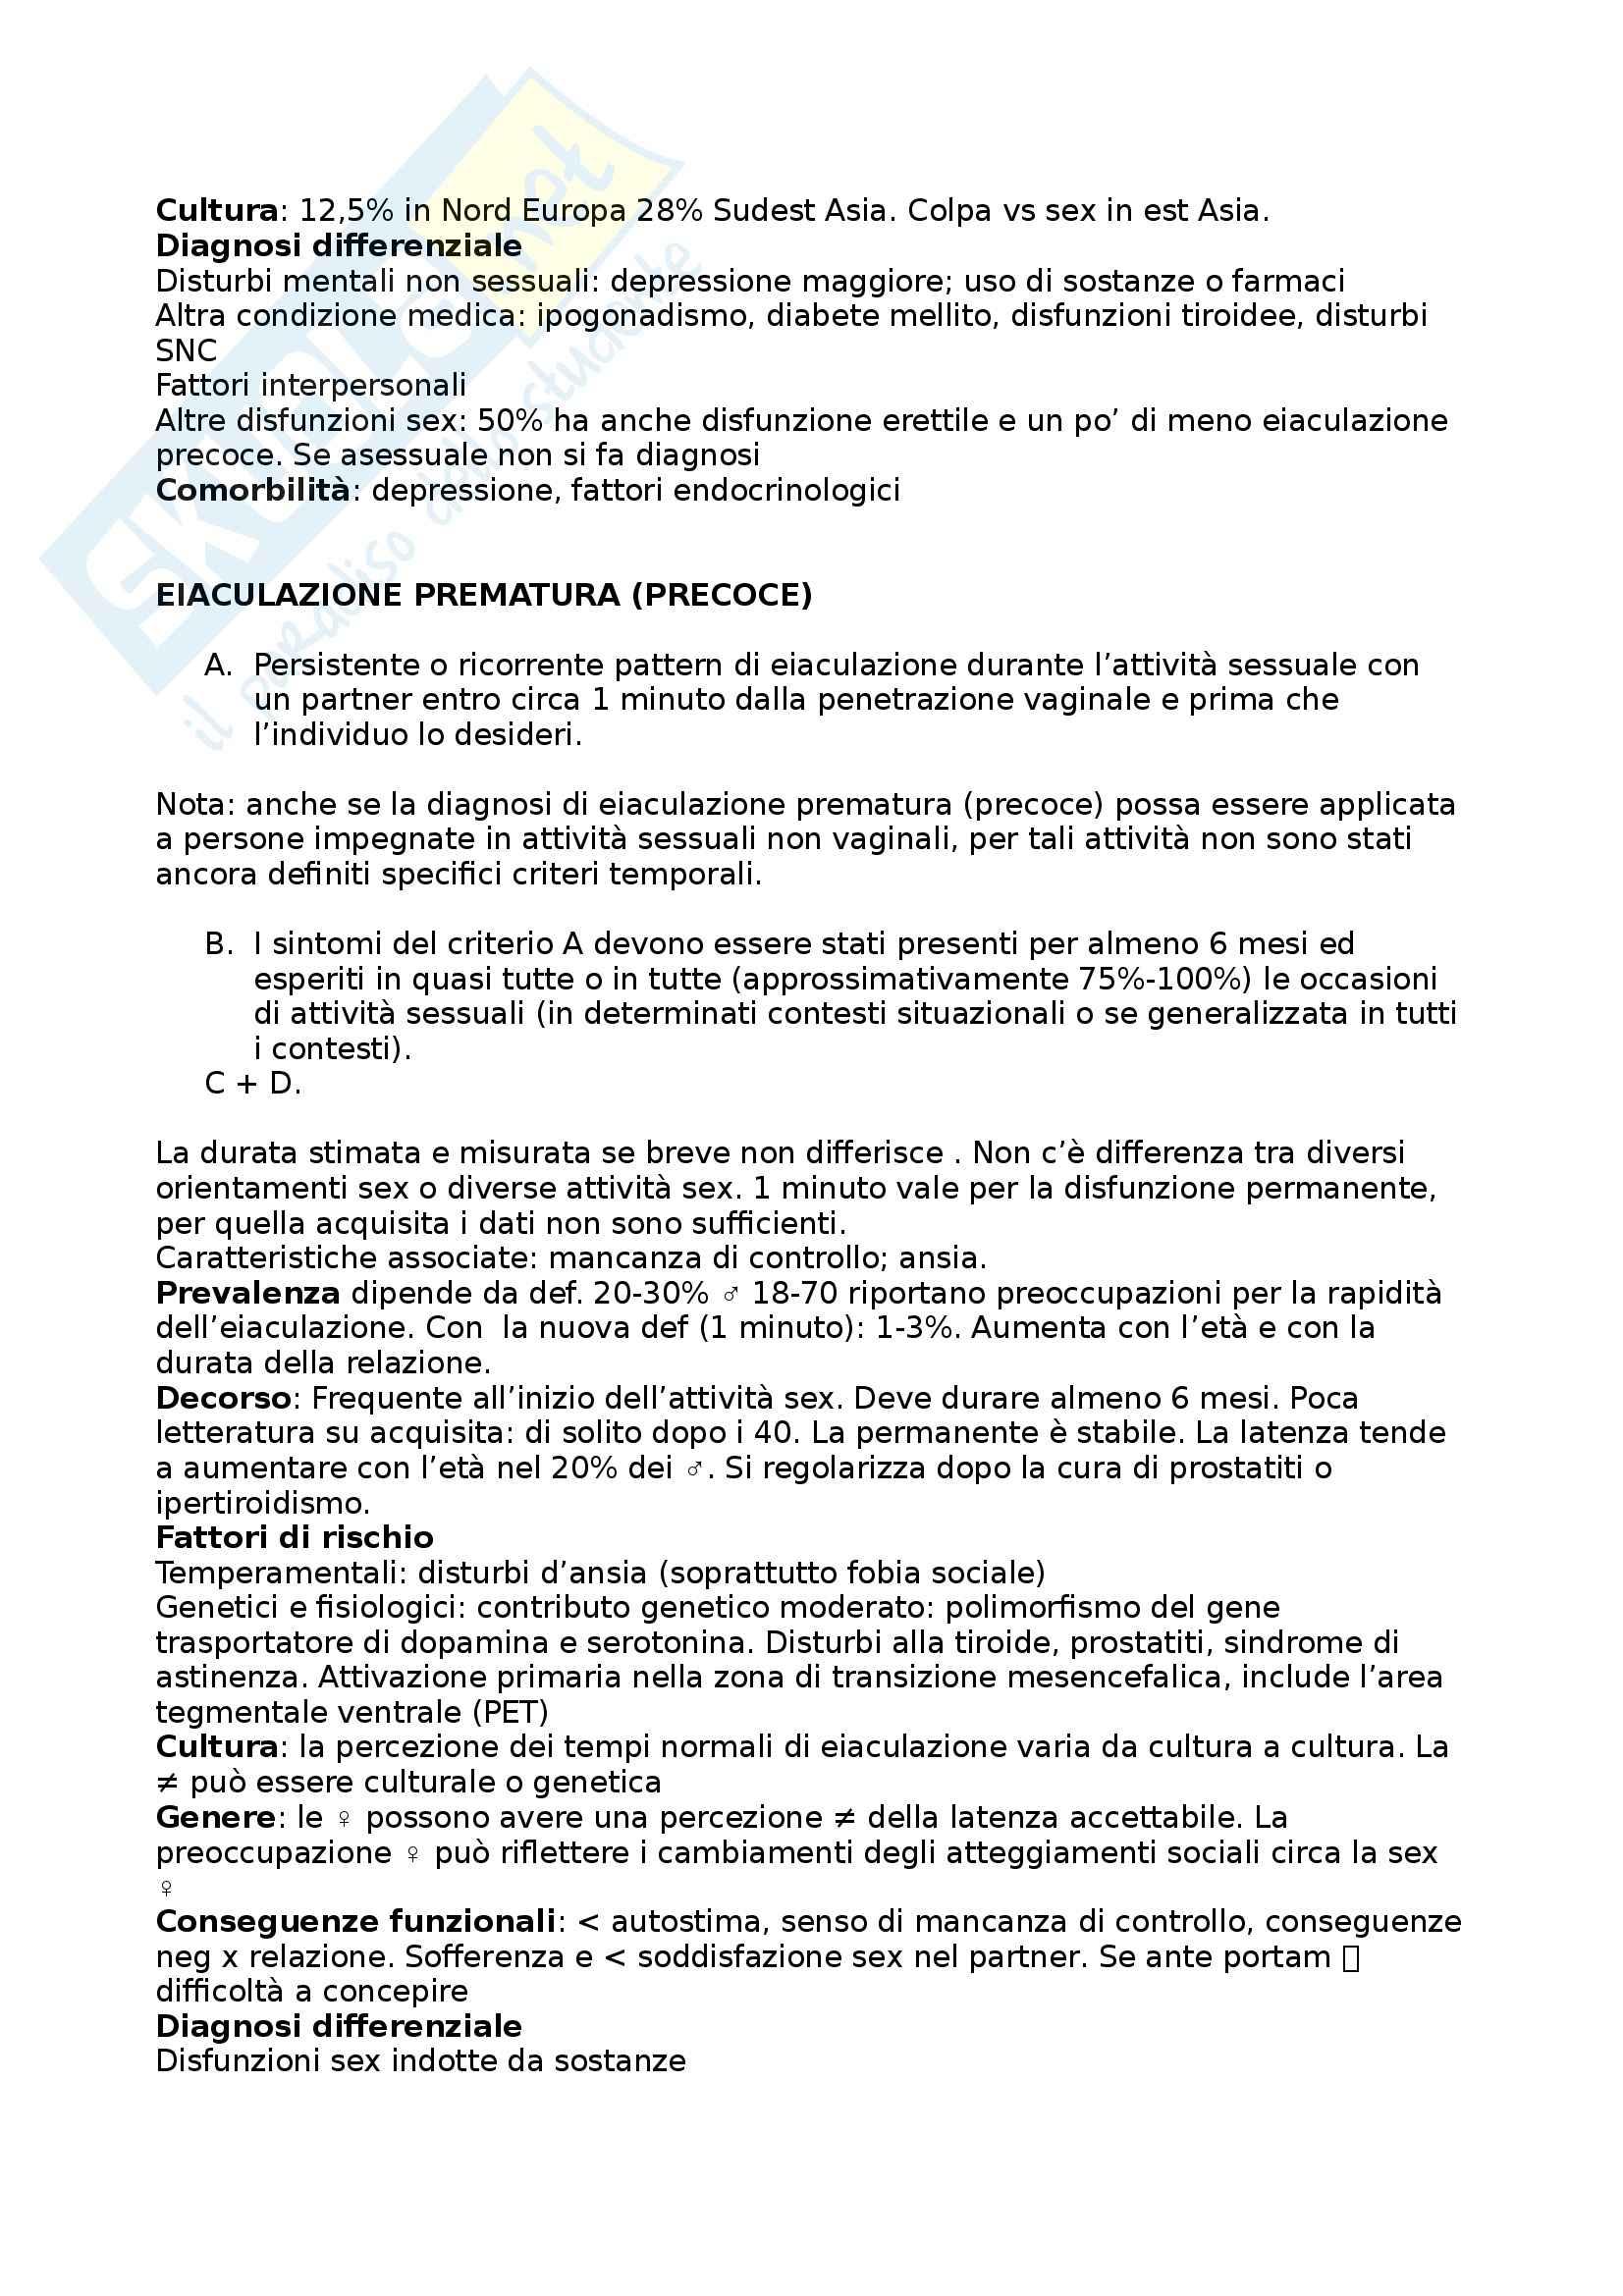 Psicologia della sessualità - disturbi sessuali DSM-V Pag. 11